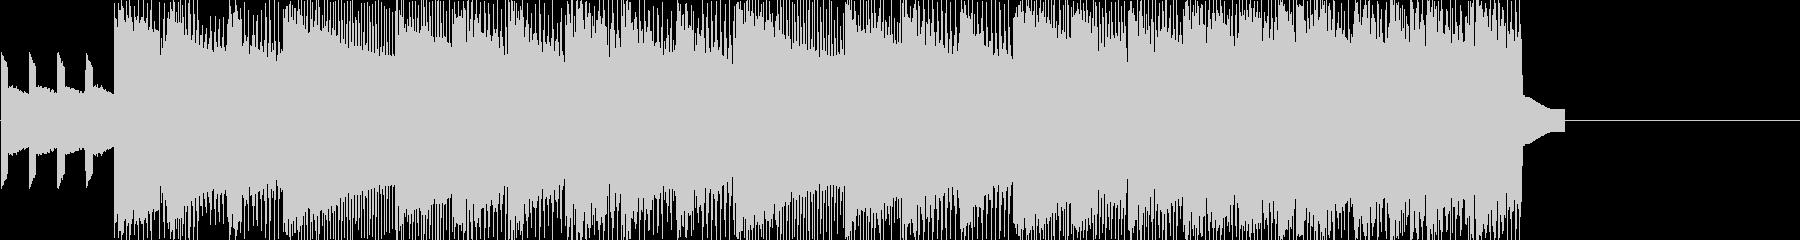 レトロゲームなチップチューンジングル7の未再生の波形